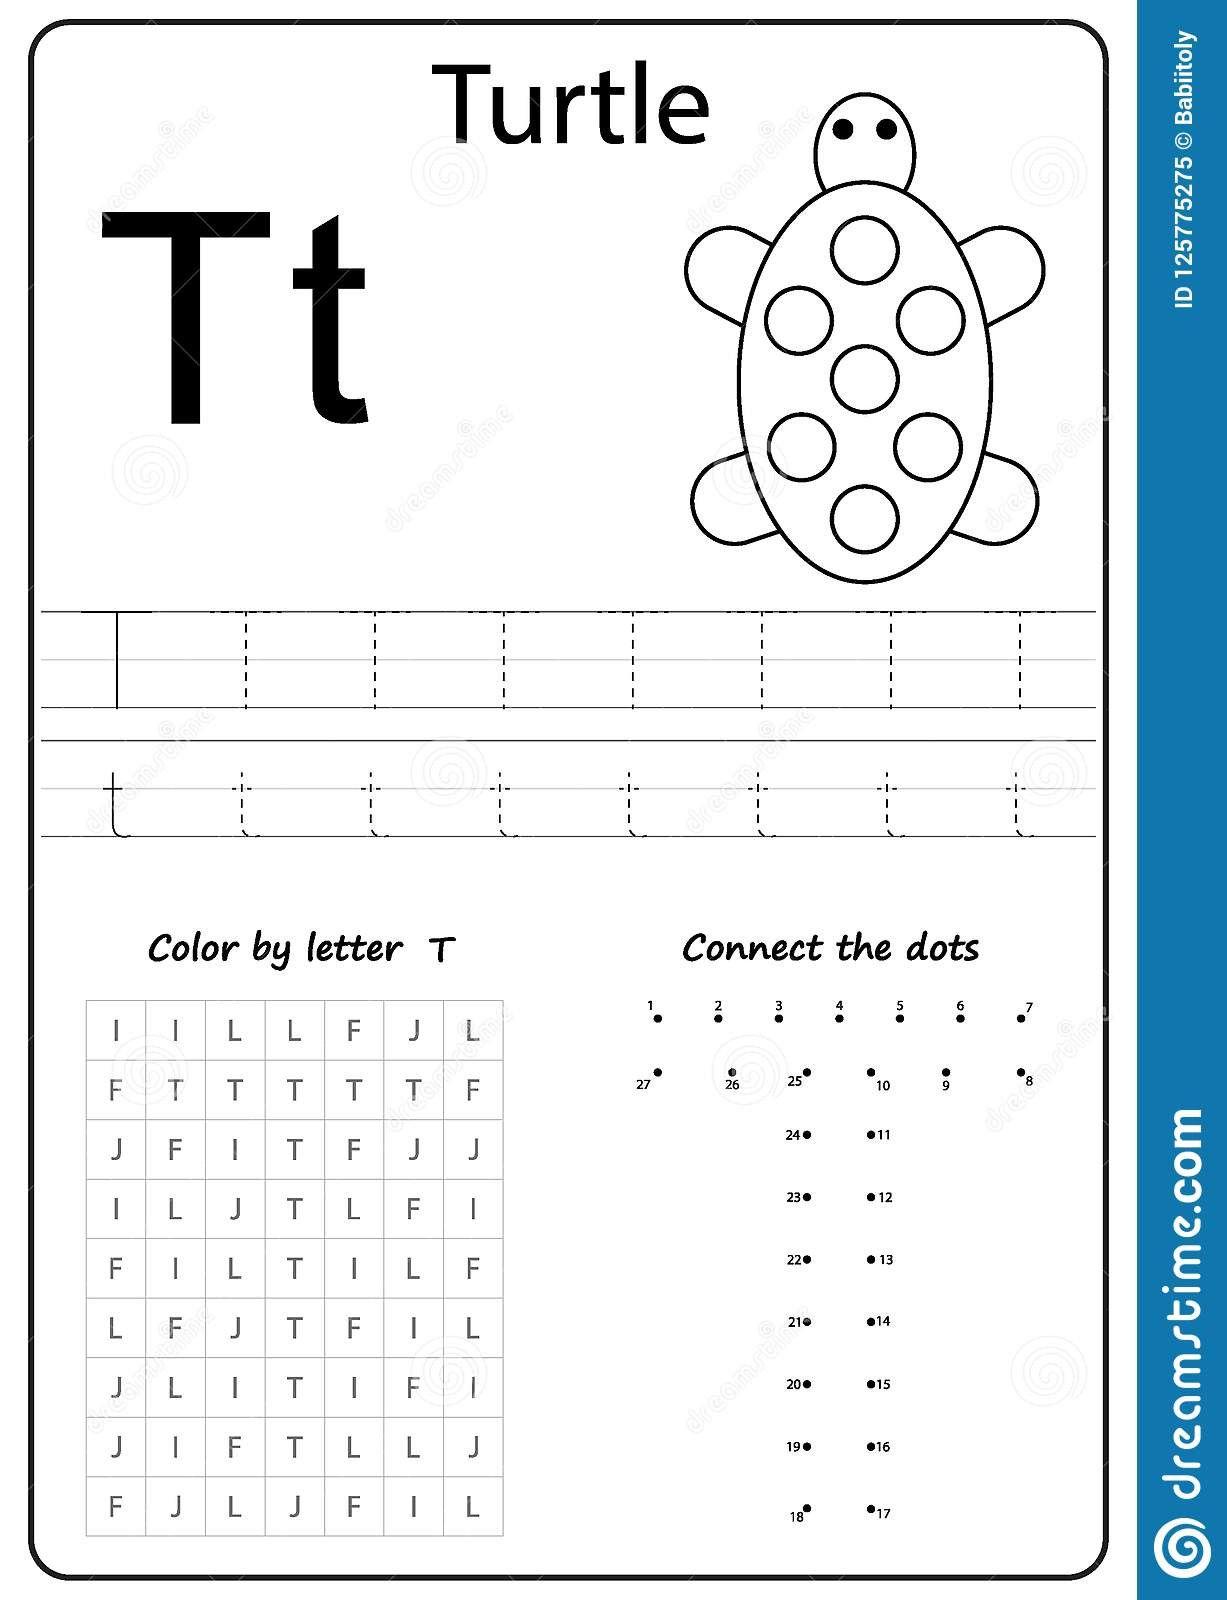 6 Printable Alphabet Letter Worksheets In 2020 Letter T Worksheets Alphabet Worksheets Preschool Writing Practice Worksheets